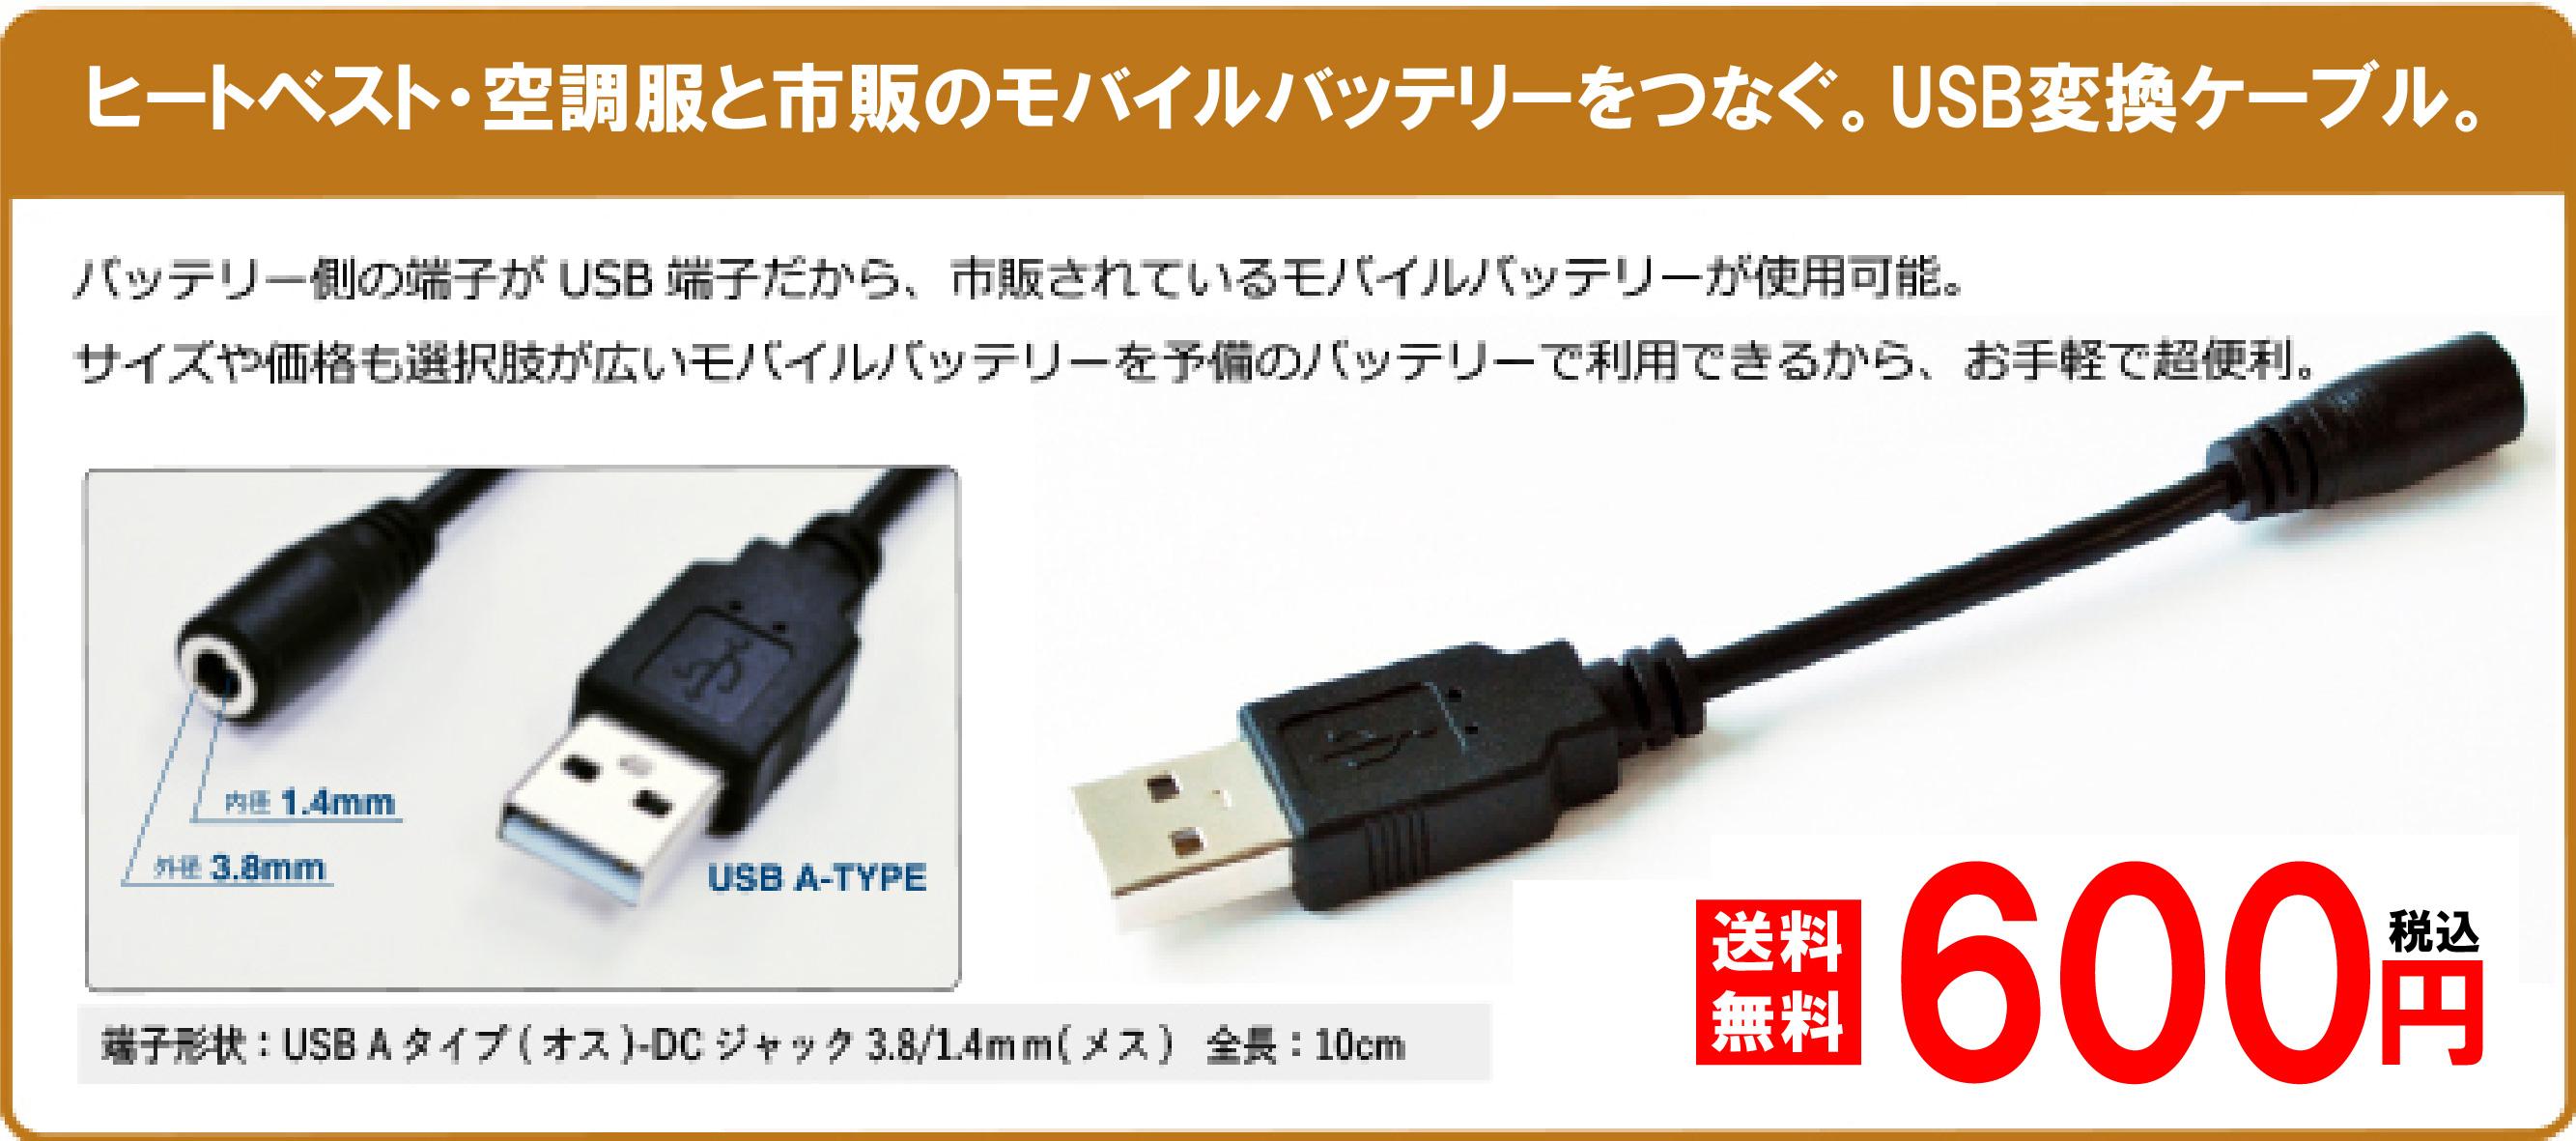 空調服と市販のモバイルバッテリーをつなぐ。USB変換ケーブル。バッテリー側の端子がUSBだから、市販されているモバイルバッテリーが使用可能。